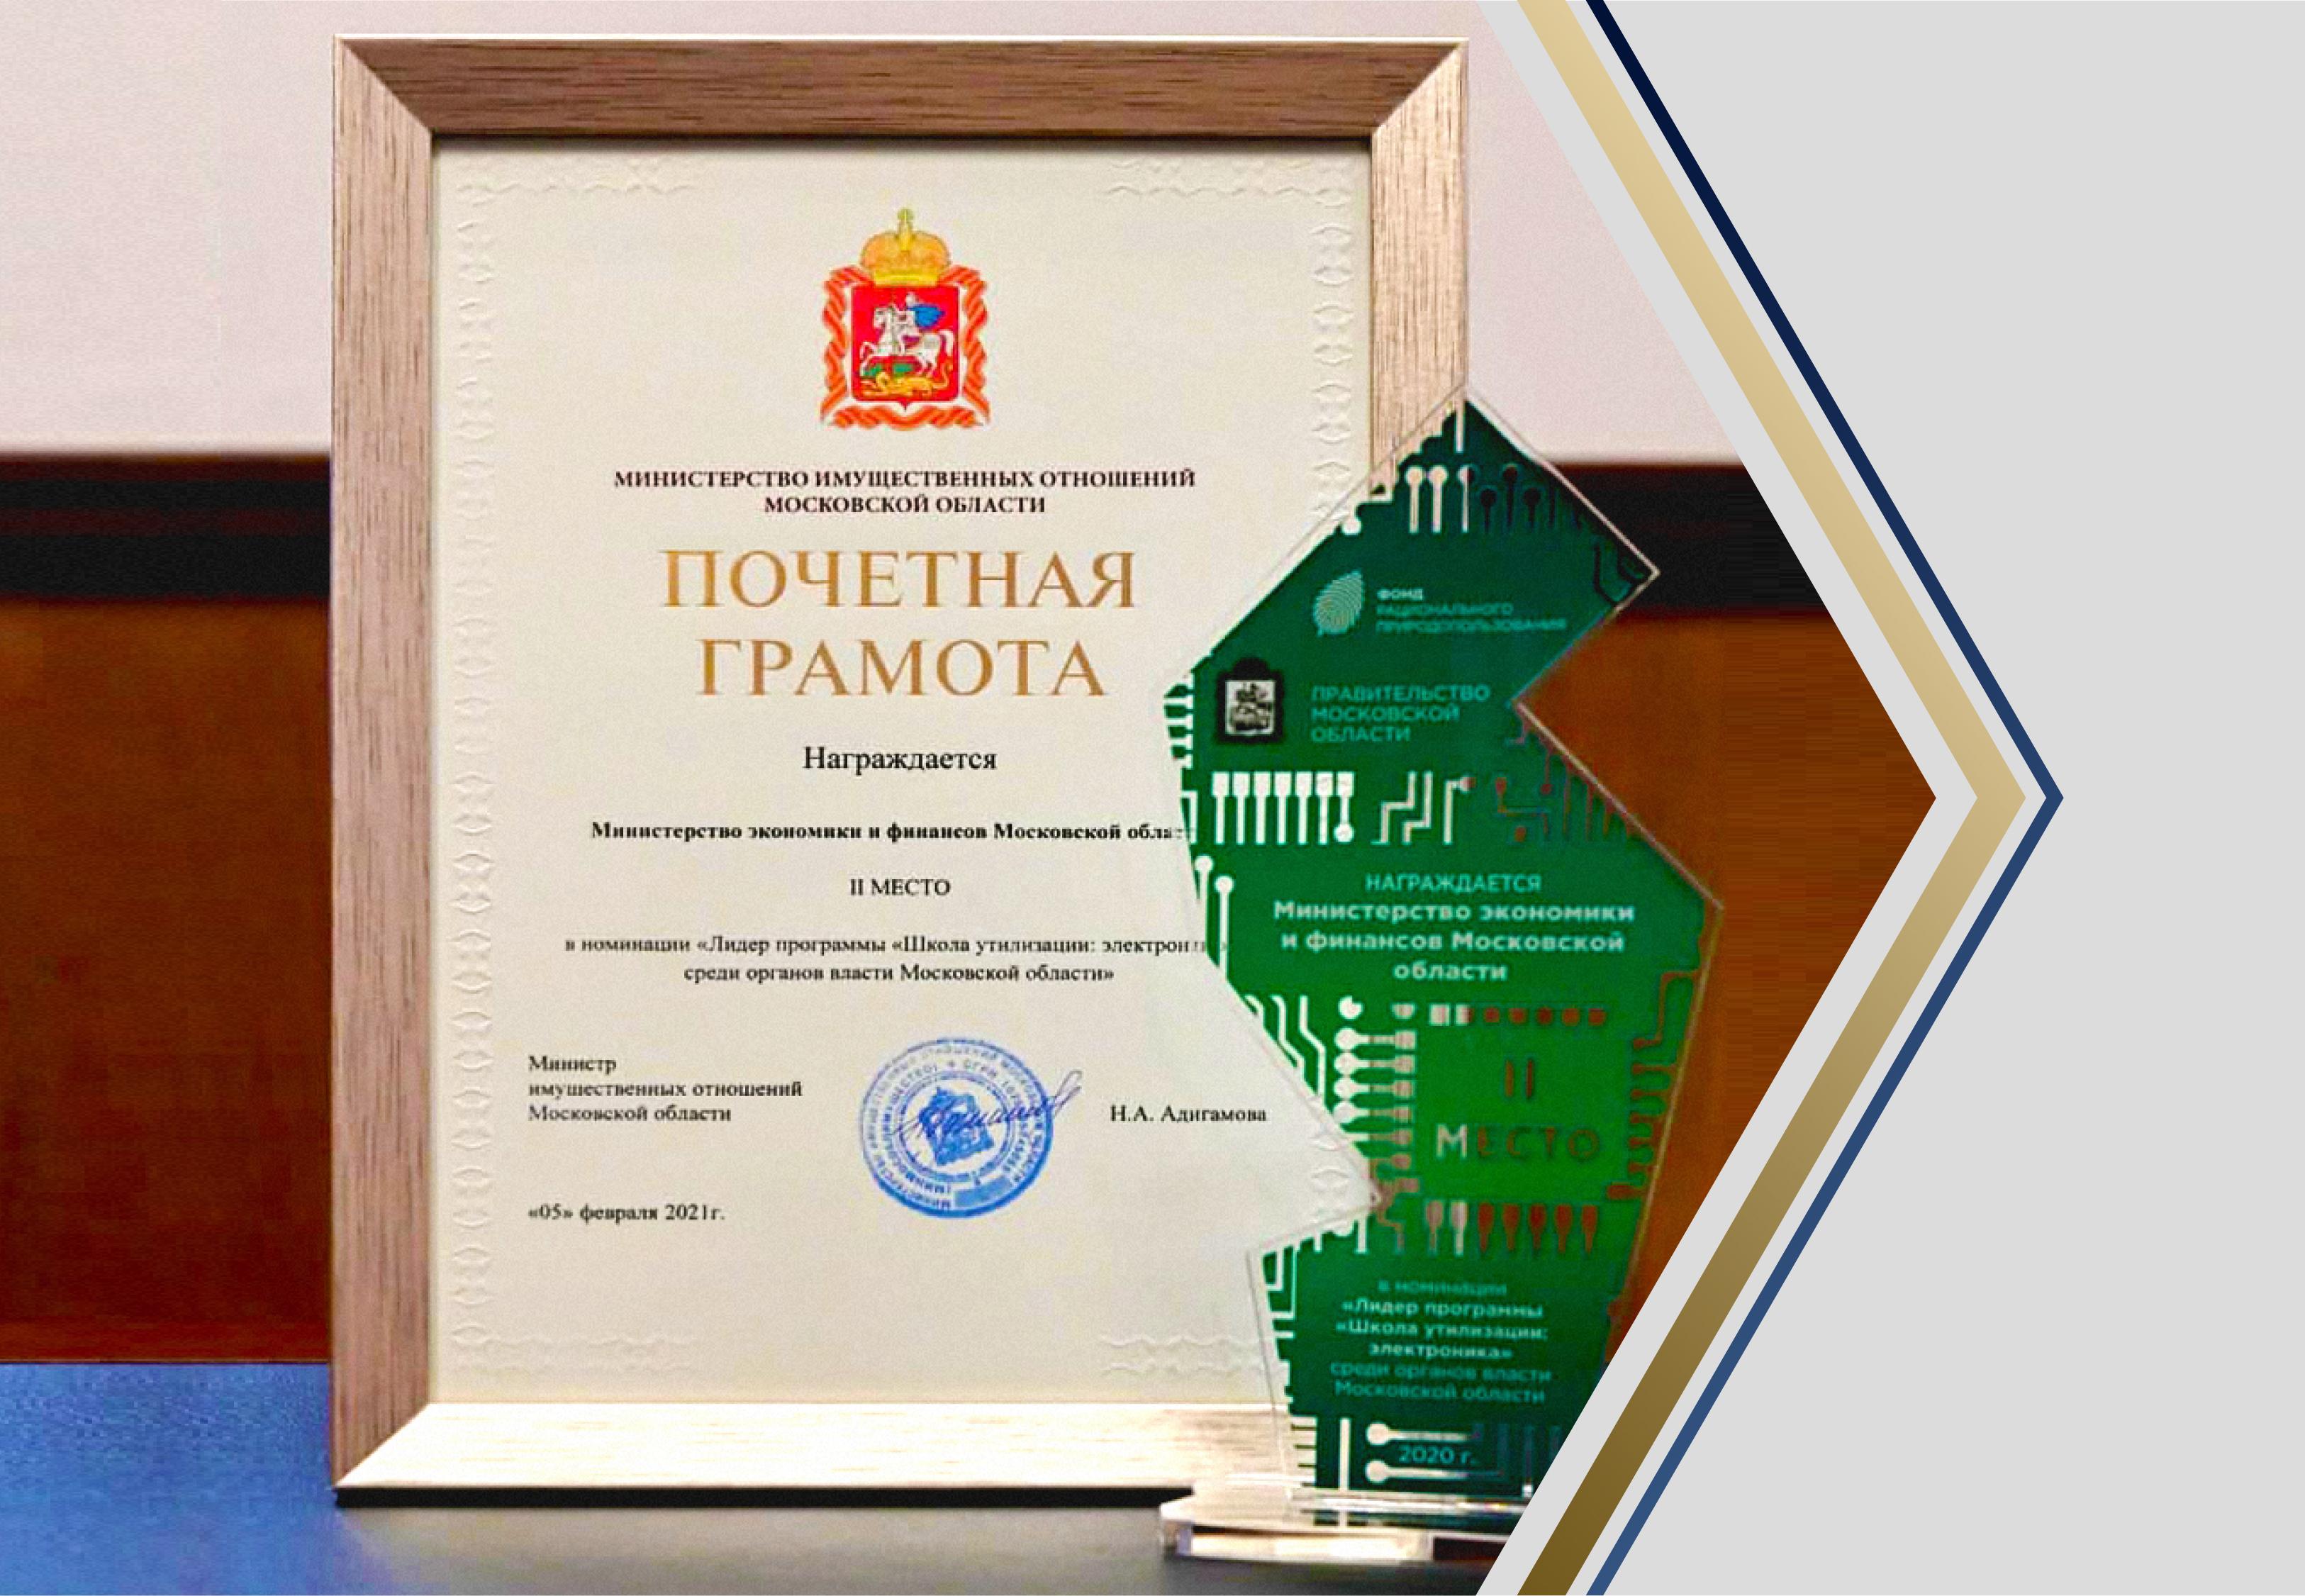 Министерство экономики и финансов Московской области вошло в число лидеров программы «Школа утилизац...